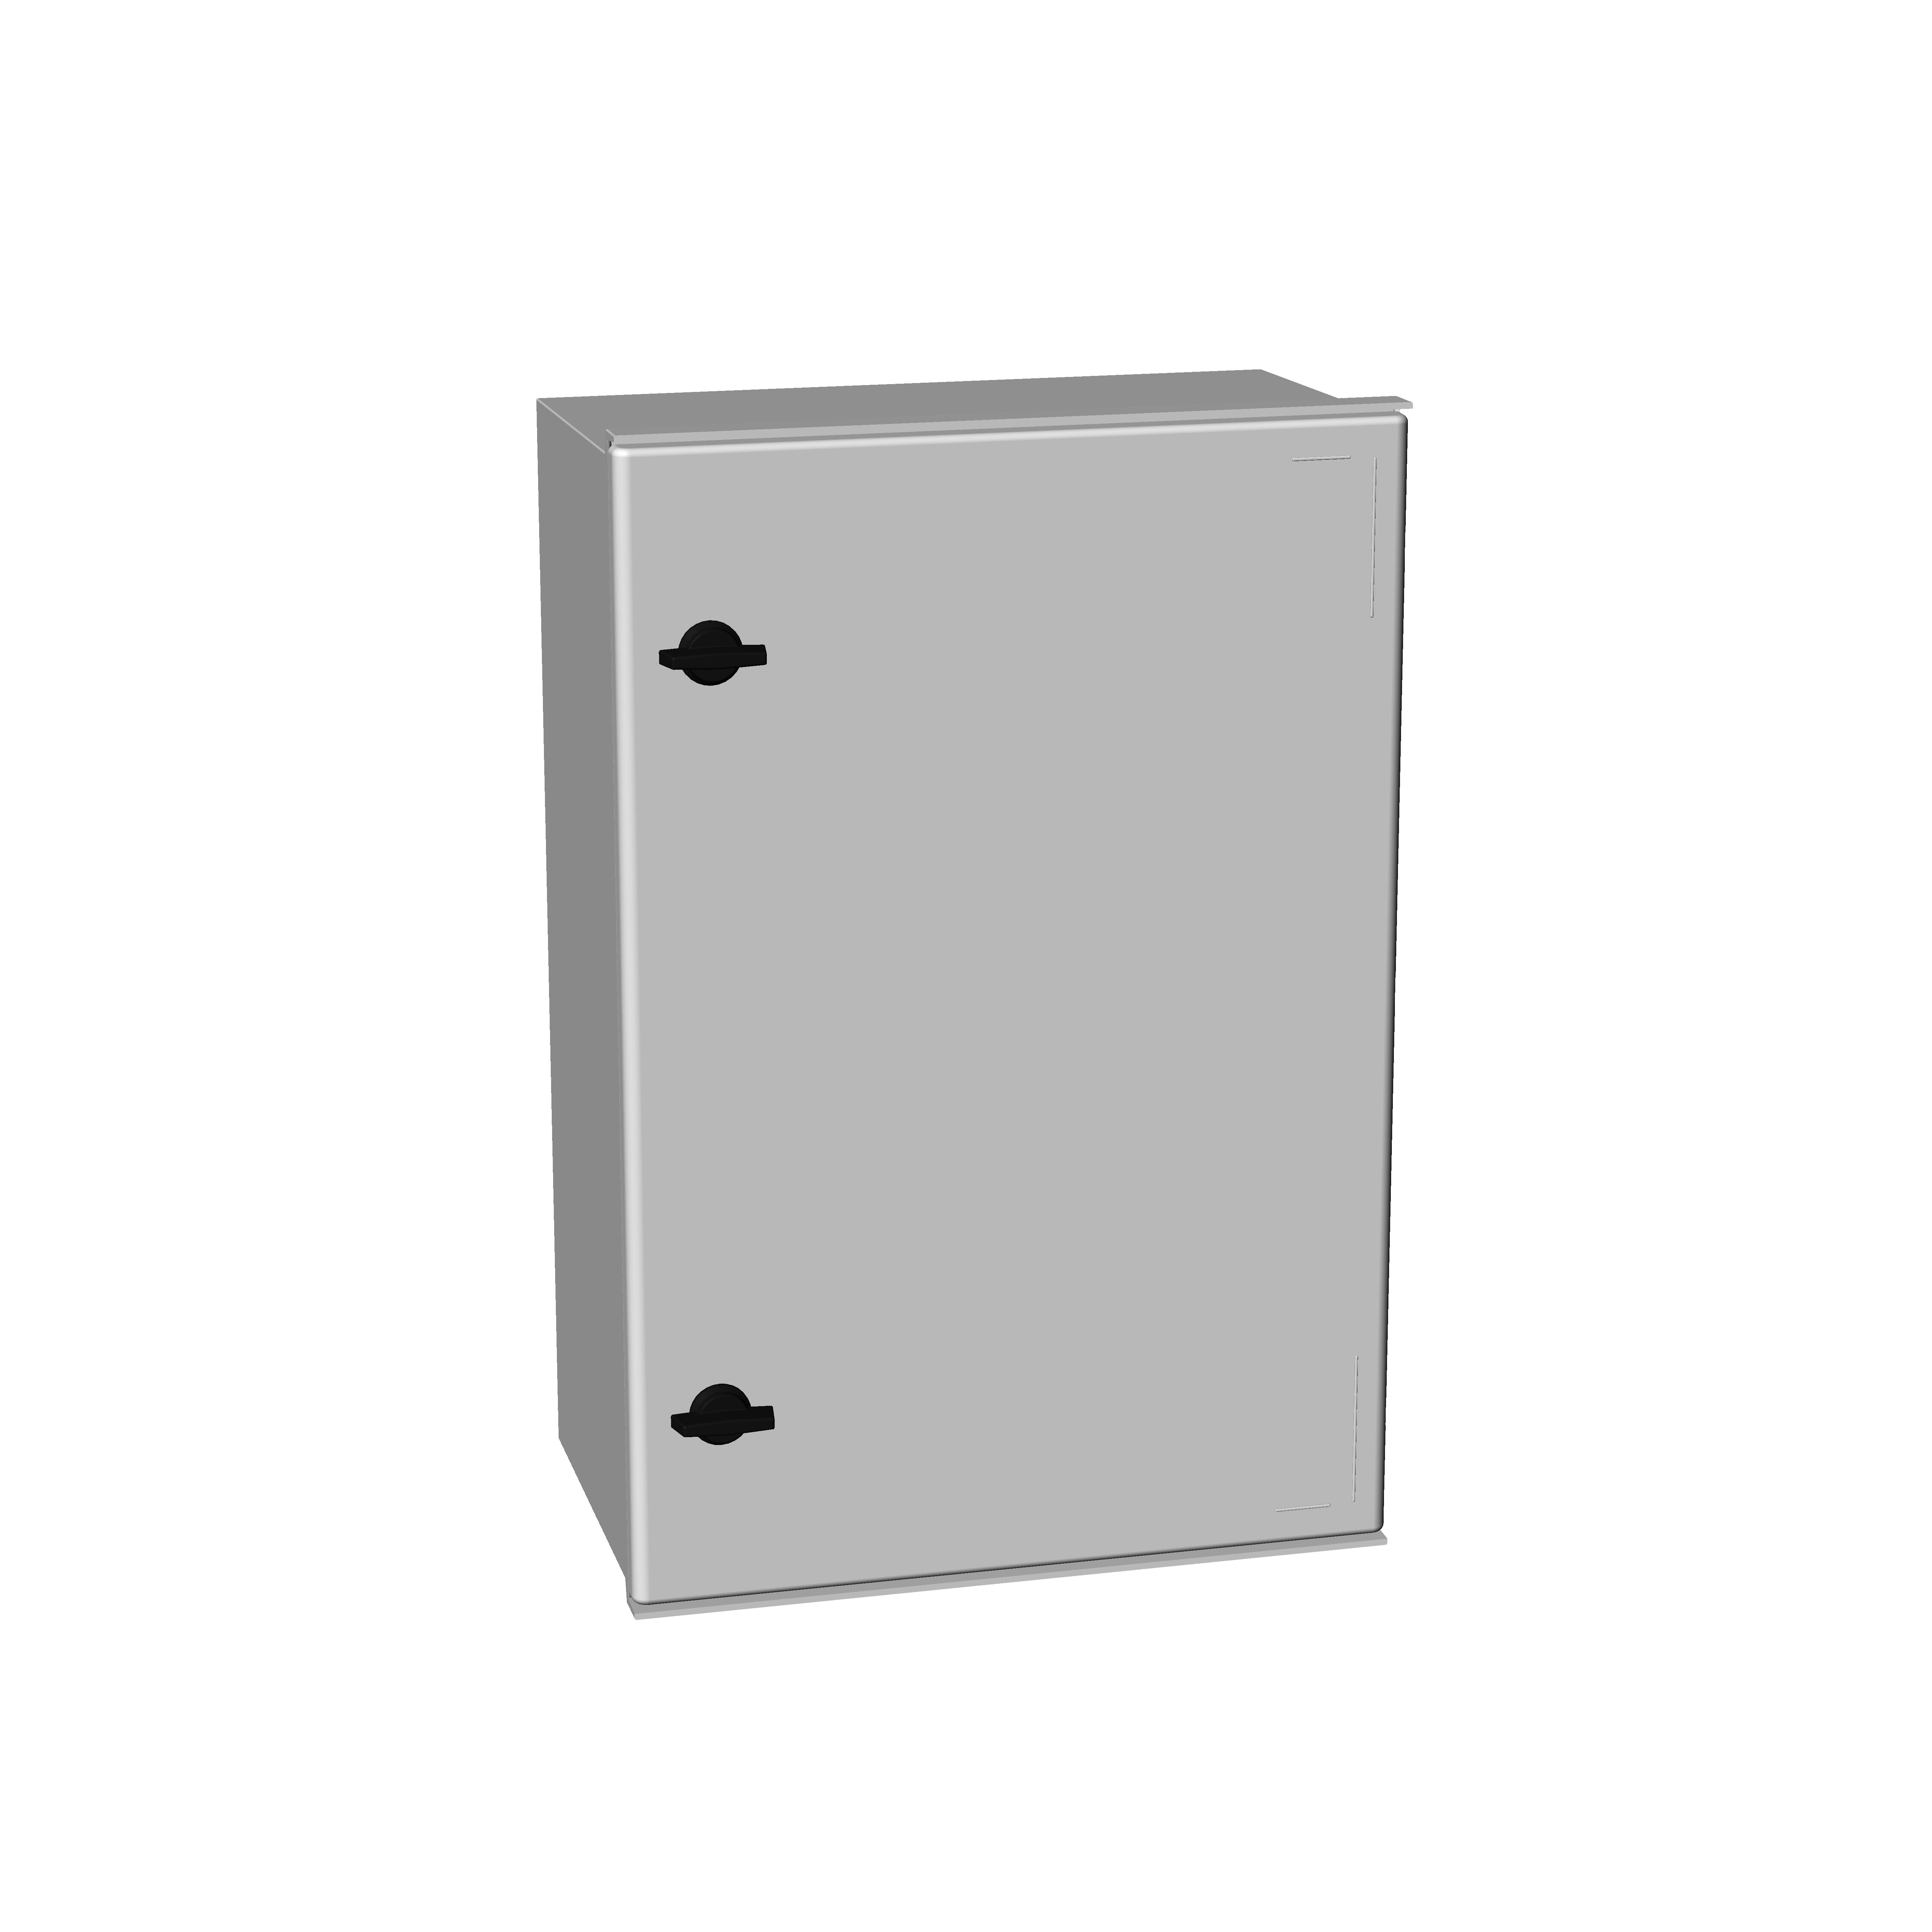 1 Stk Polyester-Wandschrank MINI 600x400x230mm IM008864--